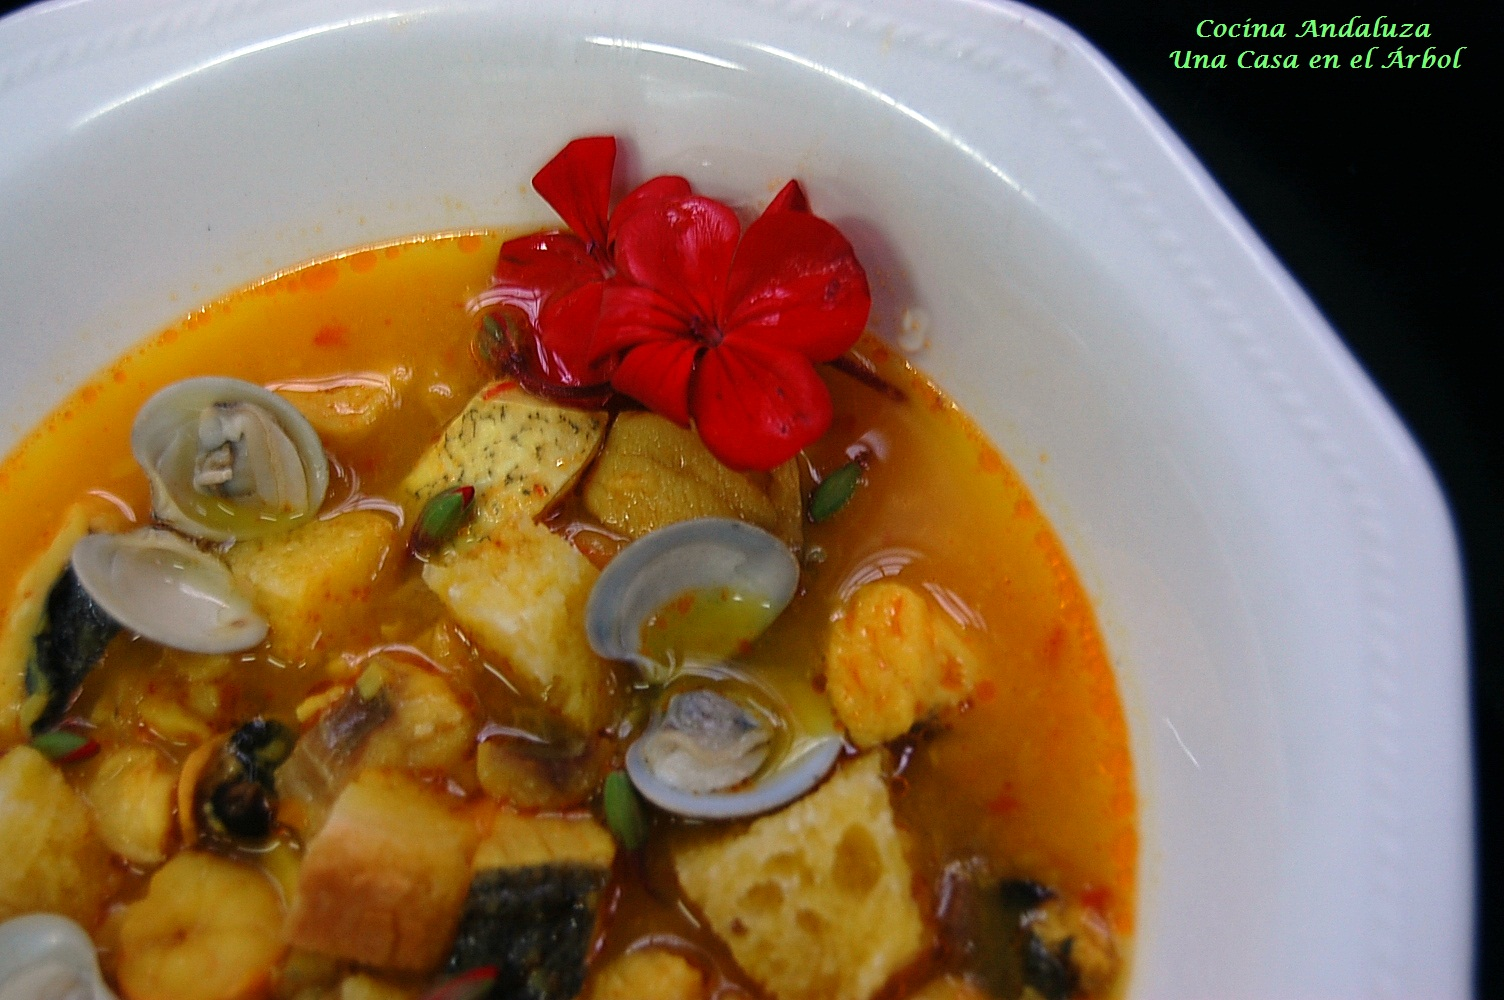 Cocina andaluza sopa de pescado y mariscos - Sopa de marisco y pescado ...